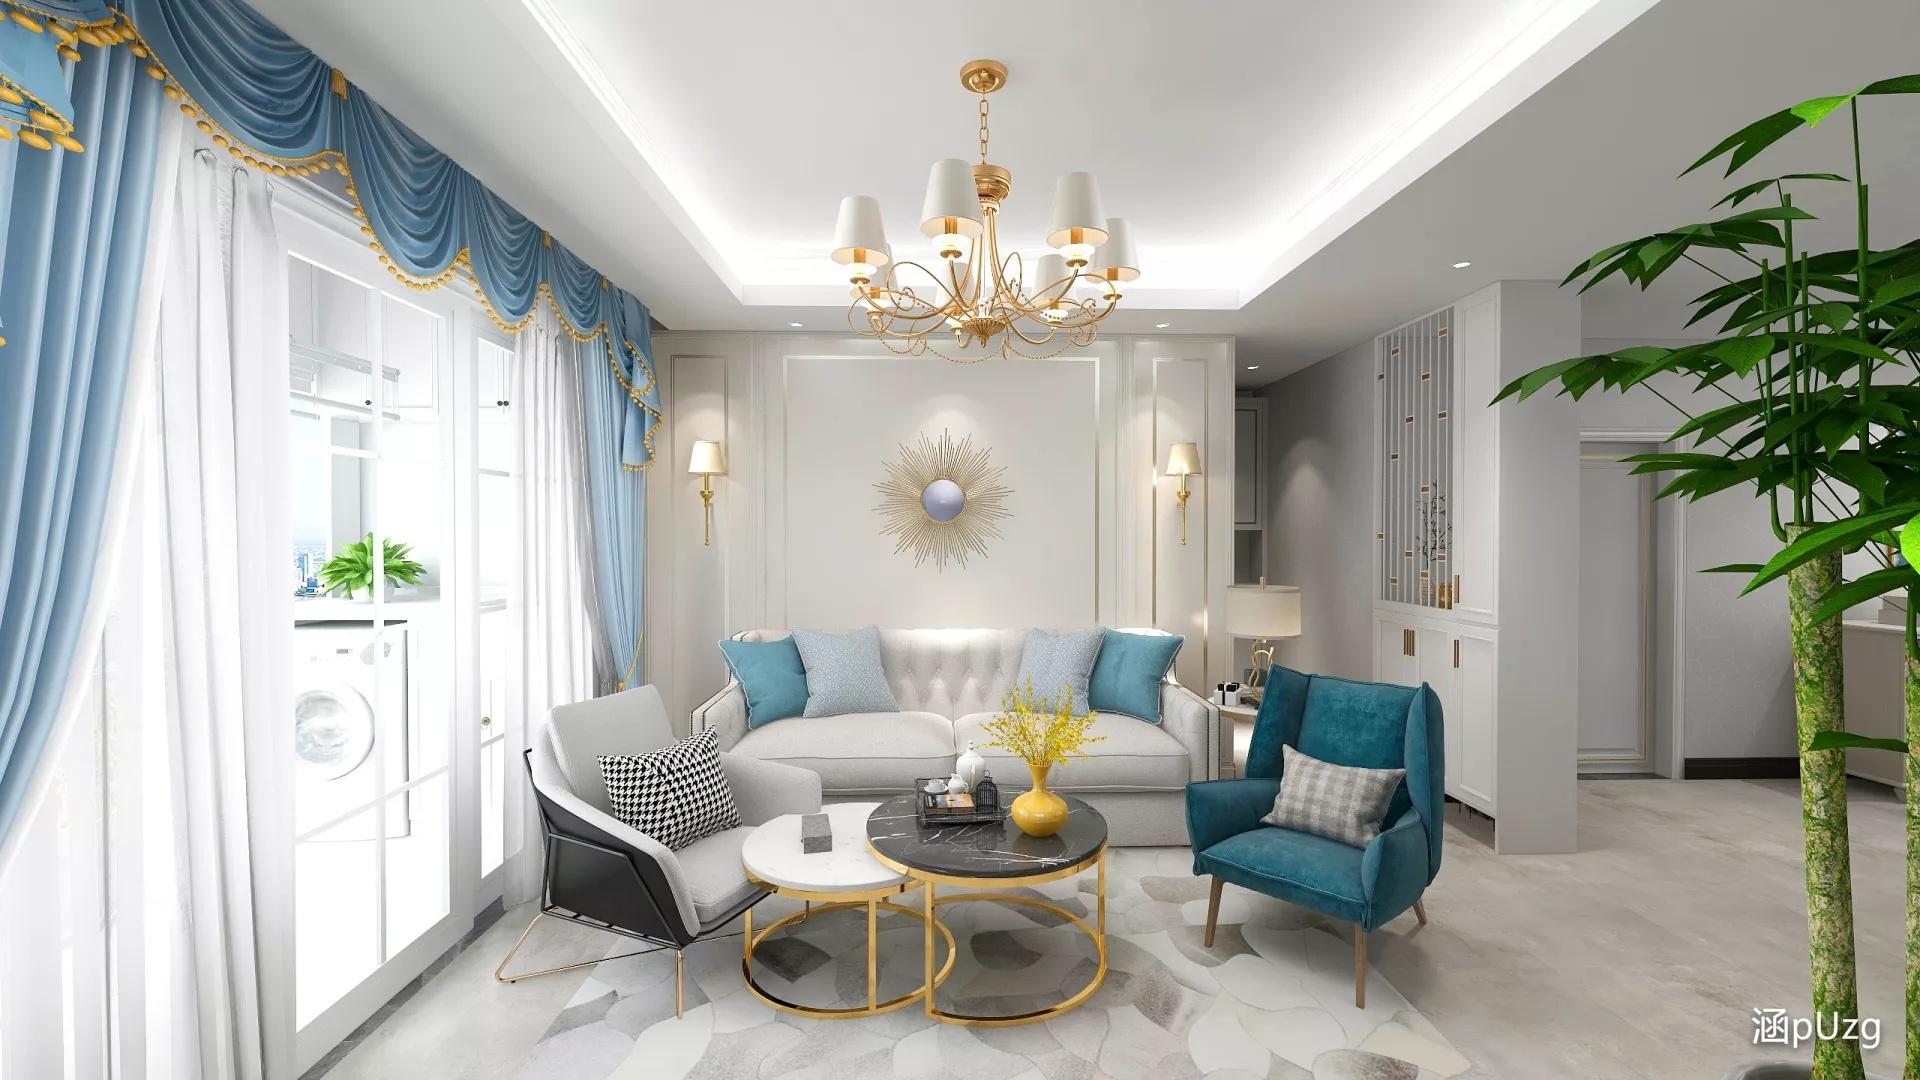 沙发如何摆放比较好?沙发布局有哪些选择?